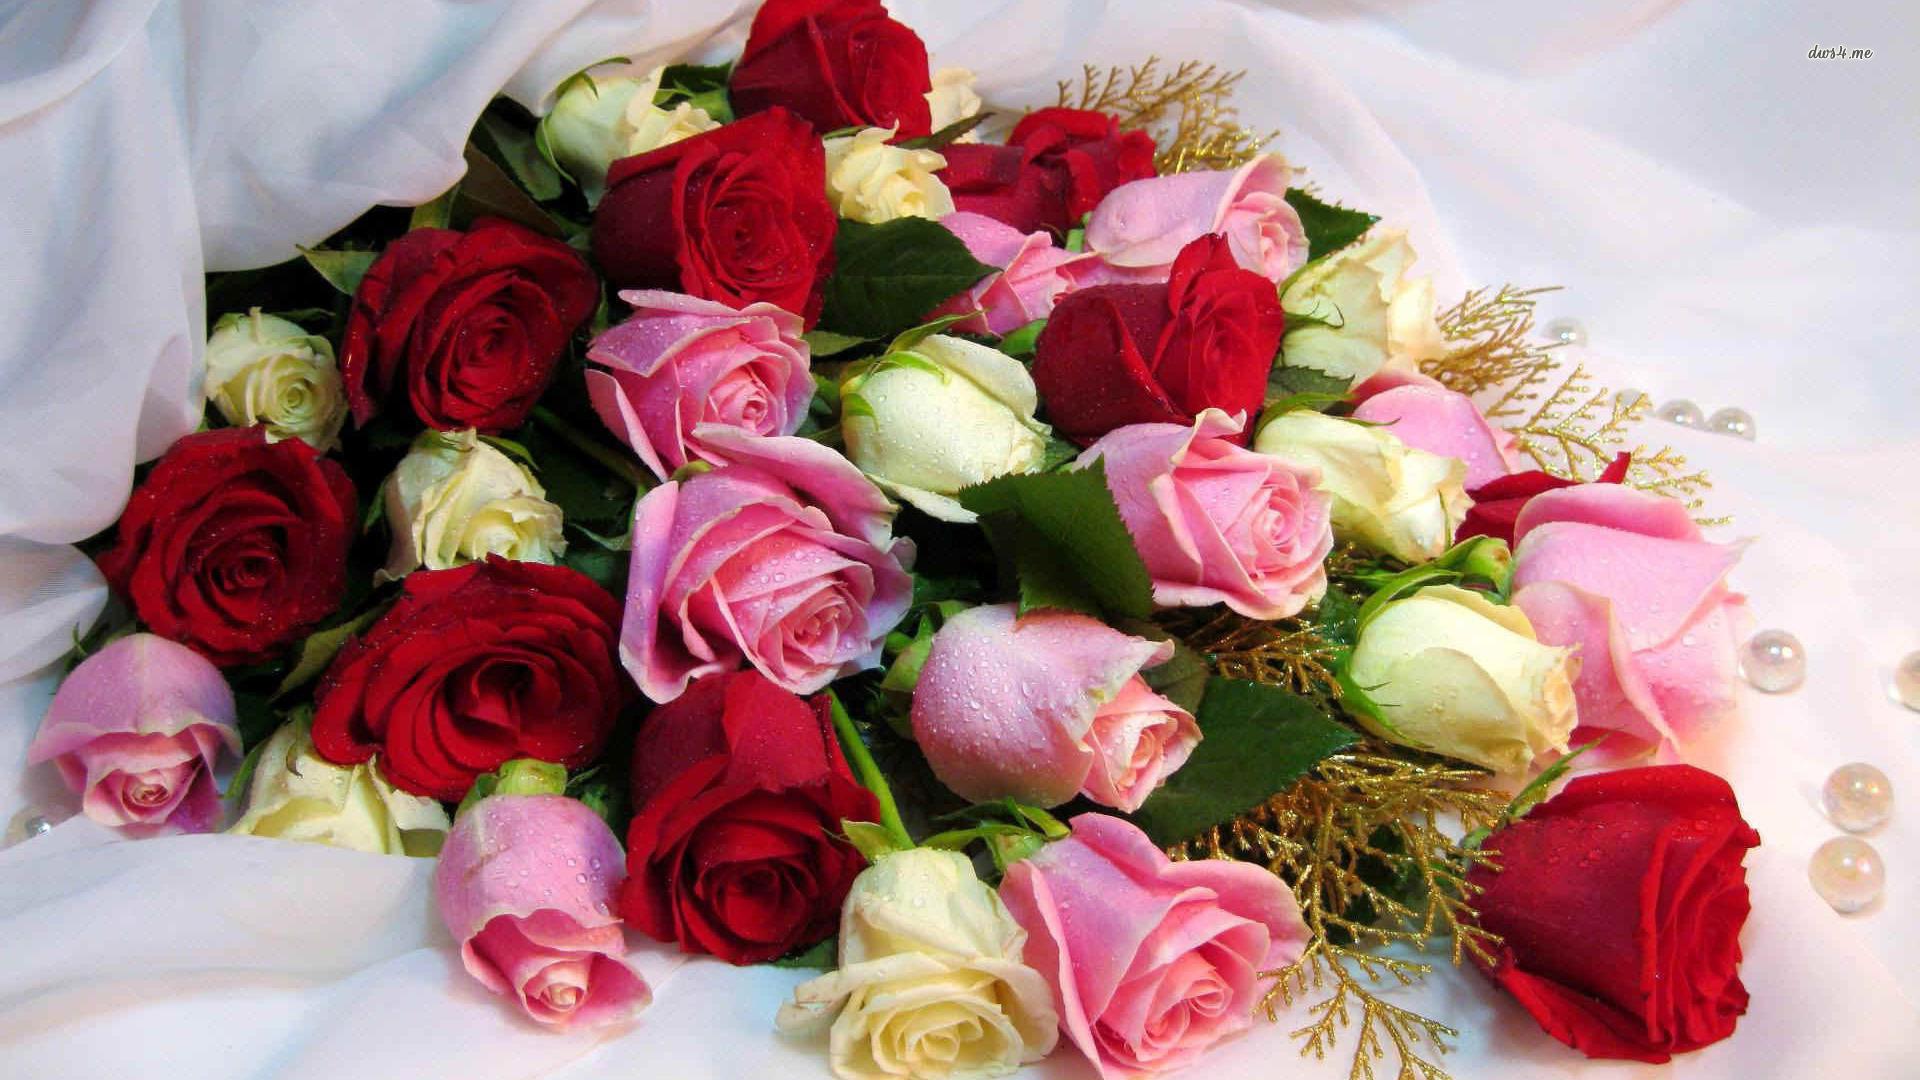 Фото с красивыми цветами или букетами